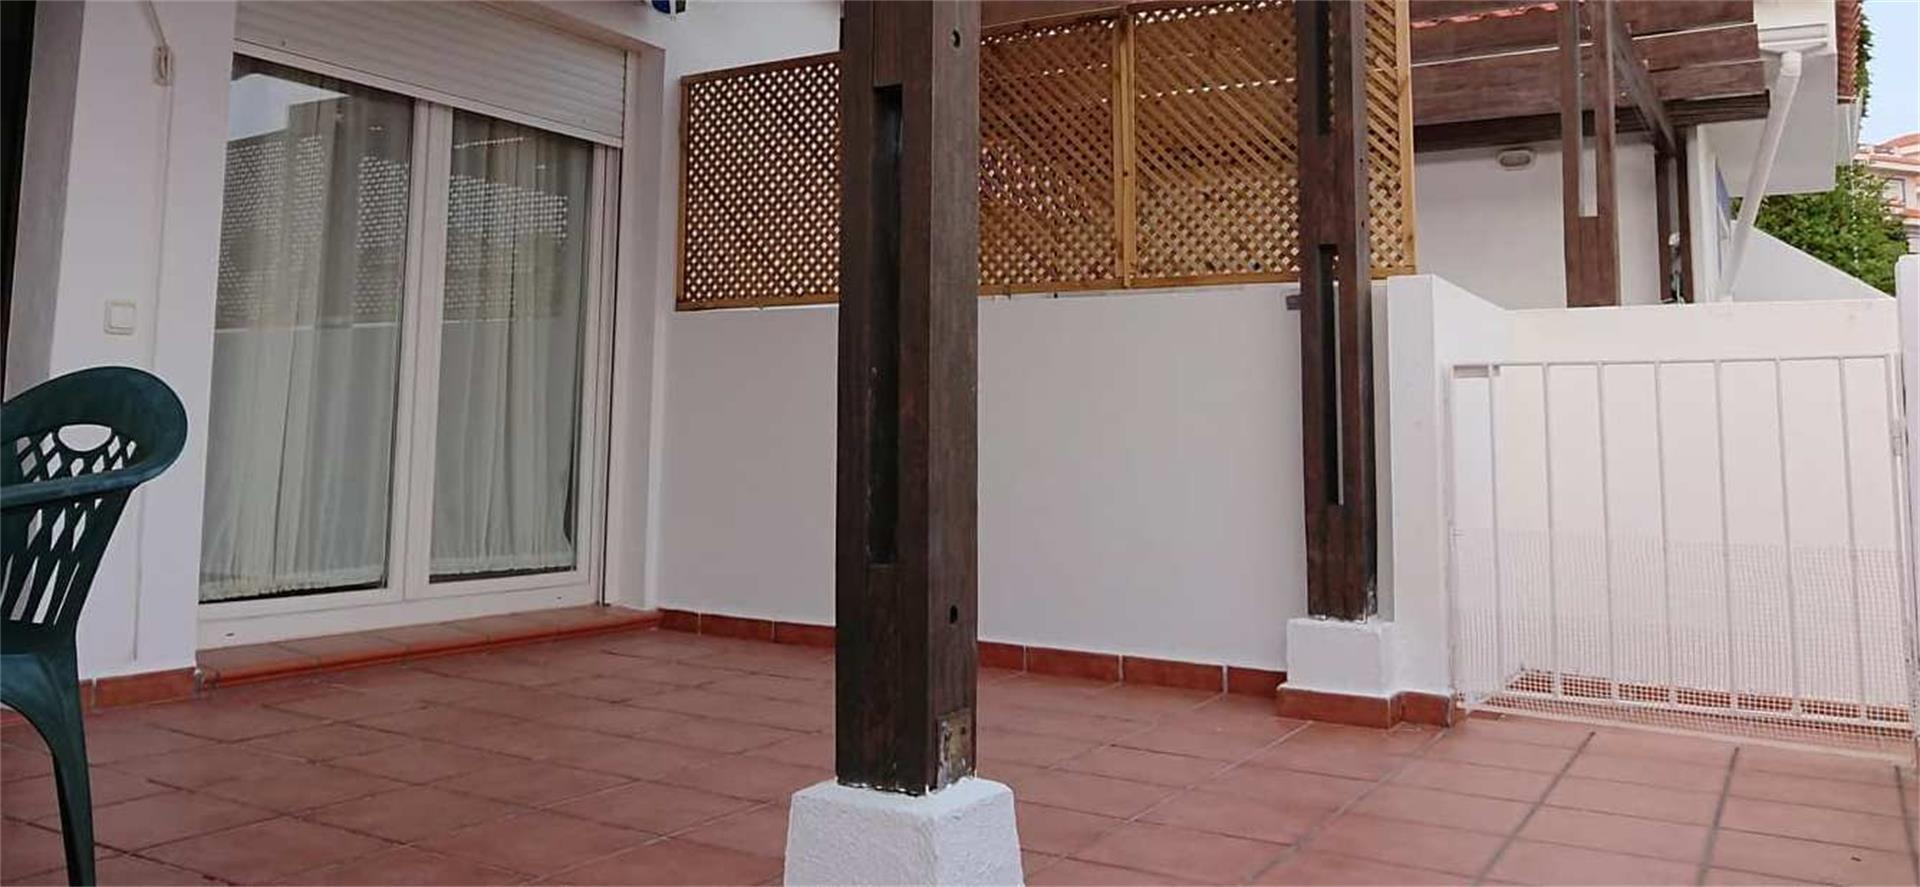 Piso de alquiler en Calle el Almendro Alcorrín (Alcorrín, Málaga)